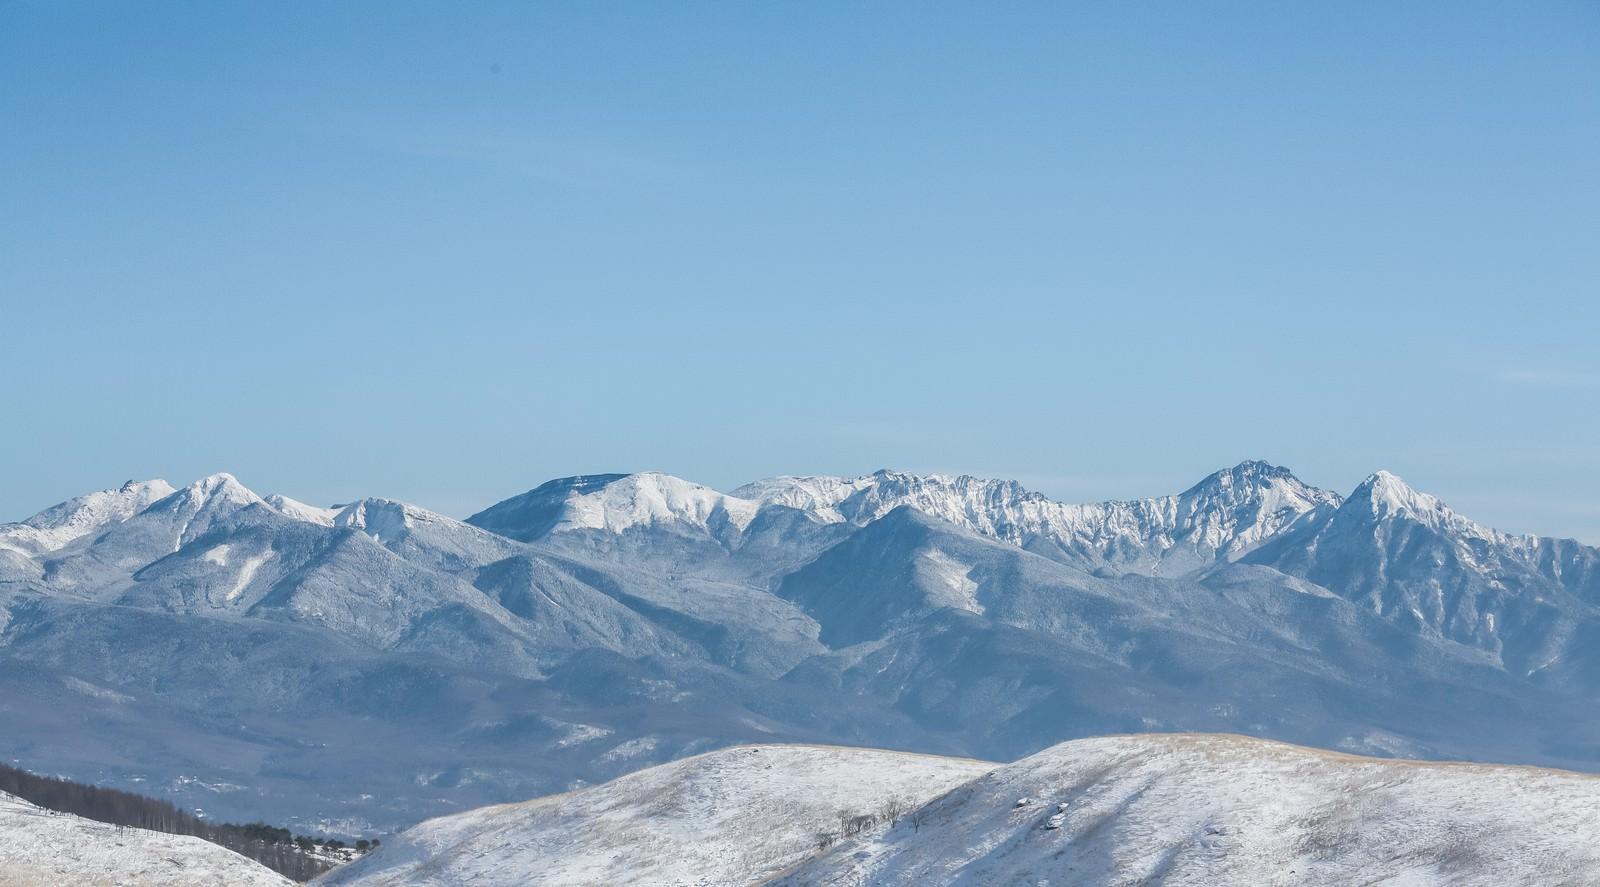 「冬の八ヶ岳連峰(天狗岳)」の写真